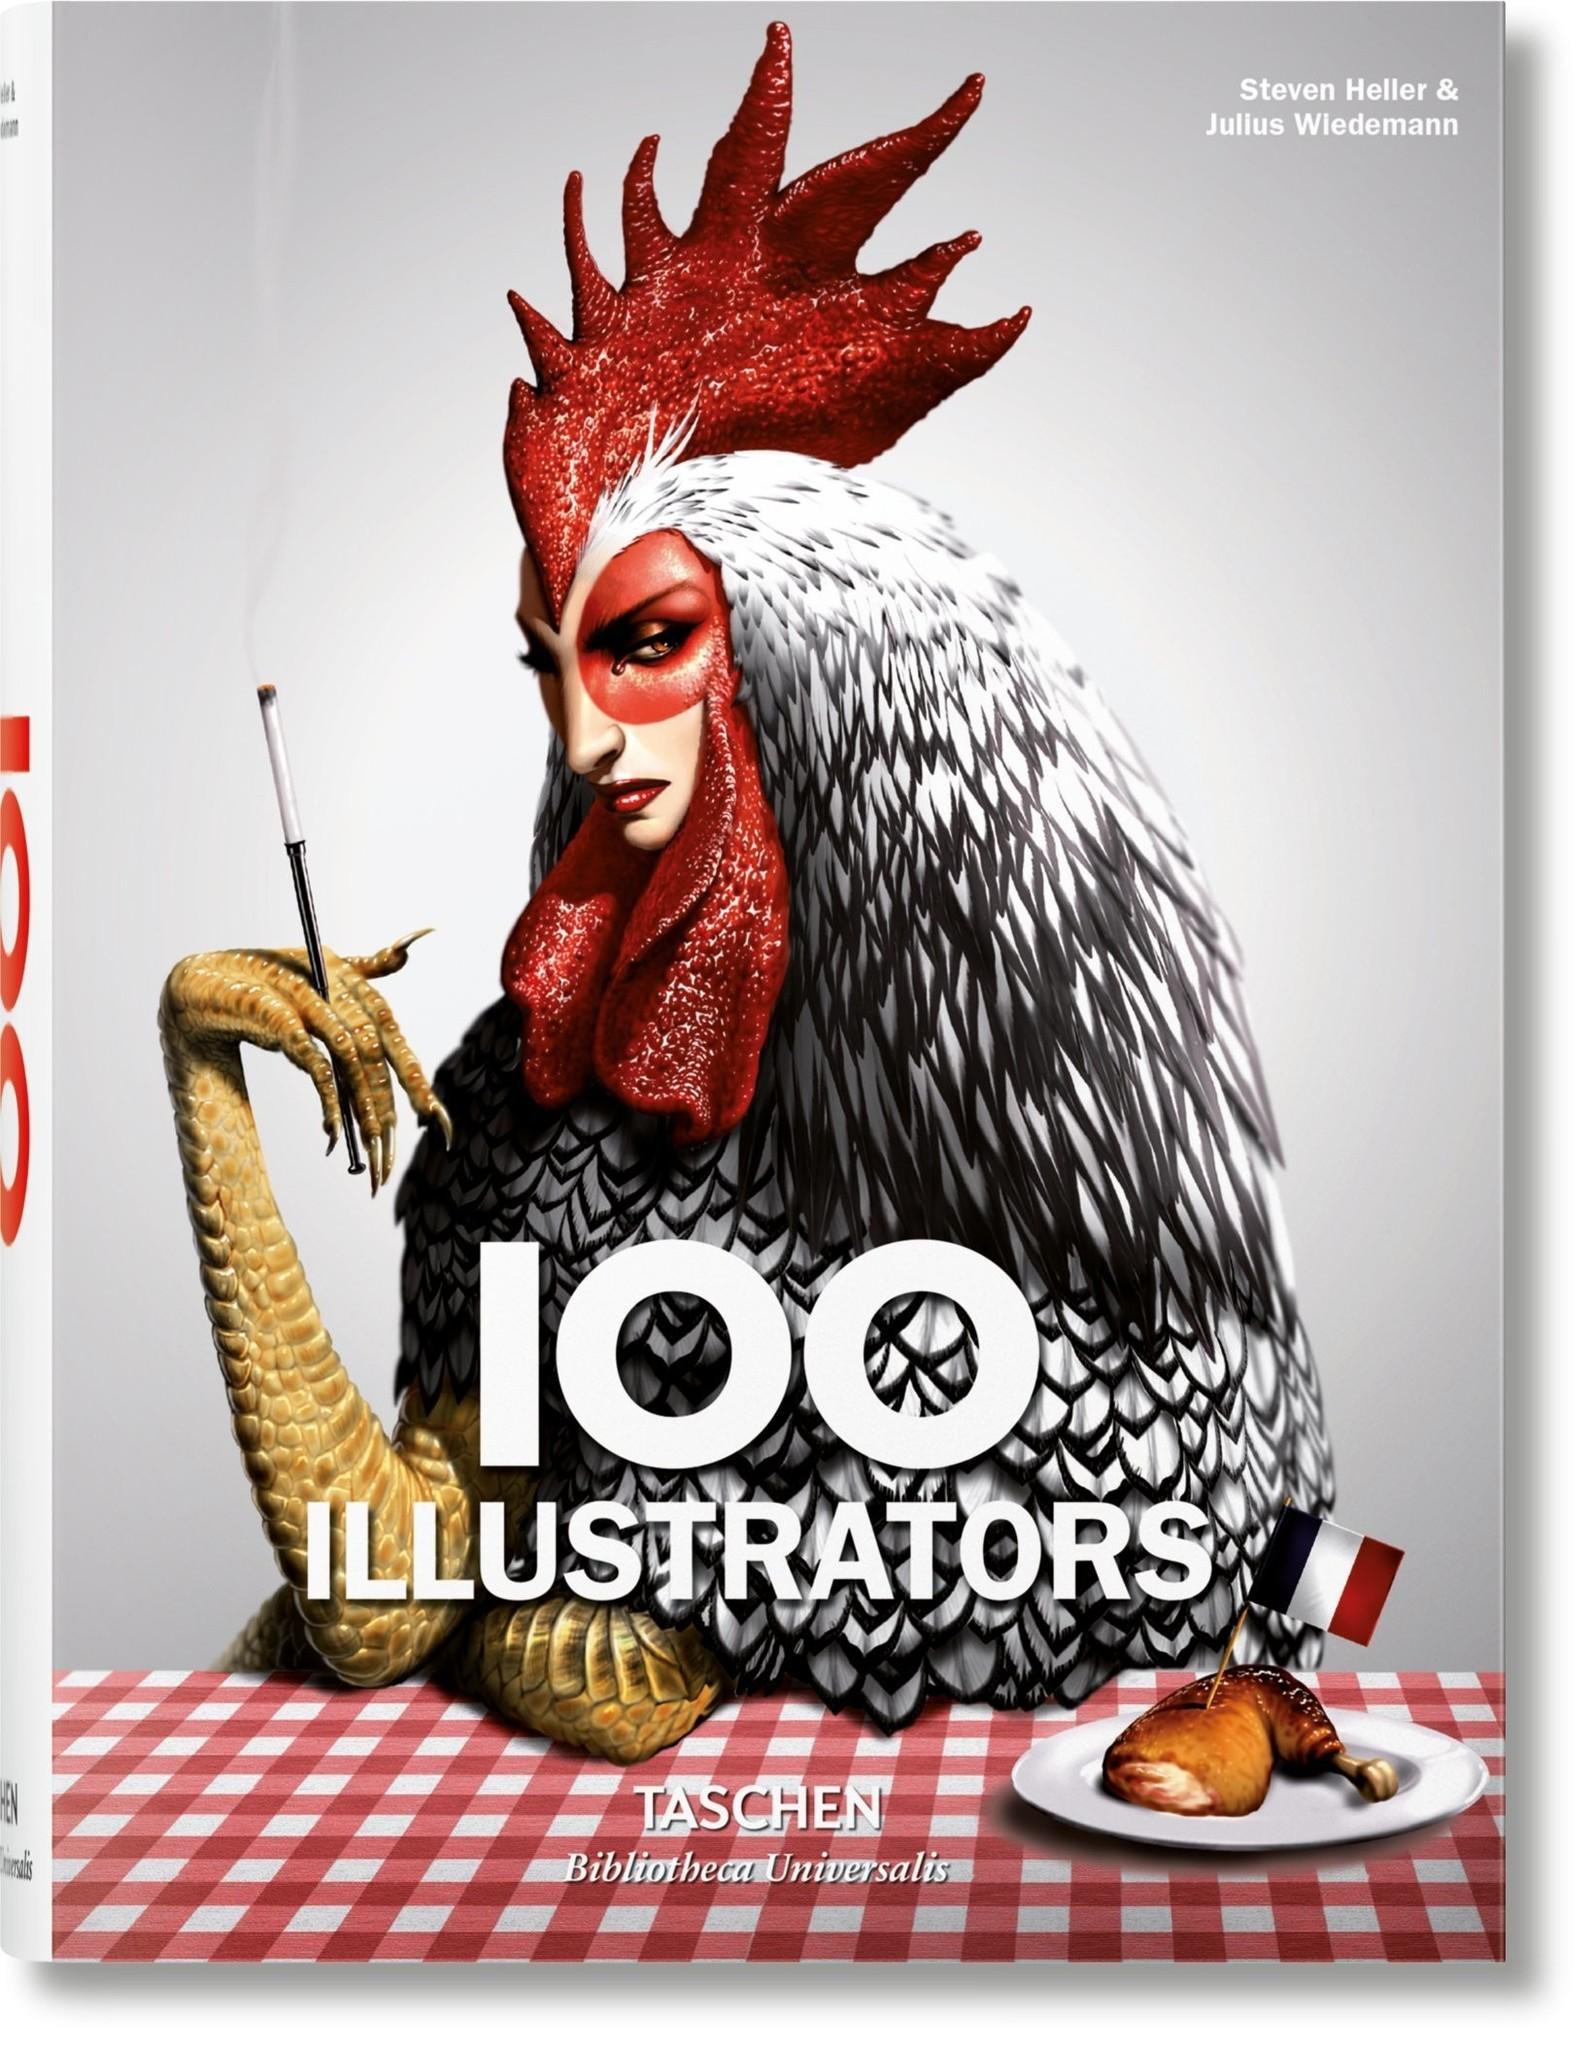 TASCHEN: 100 Illustrators